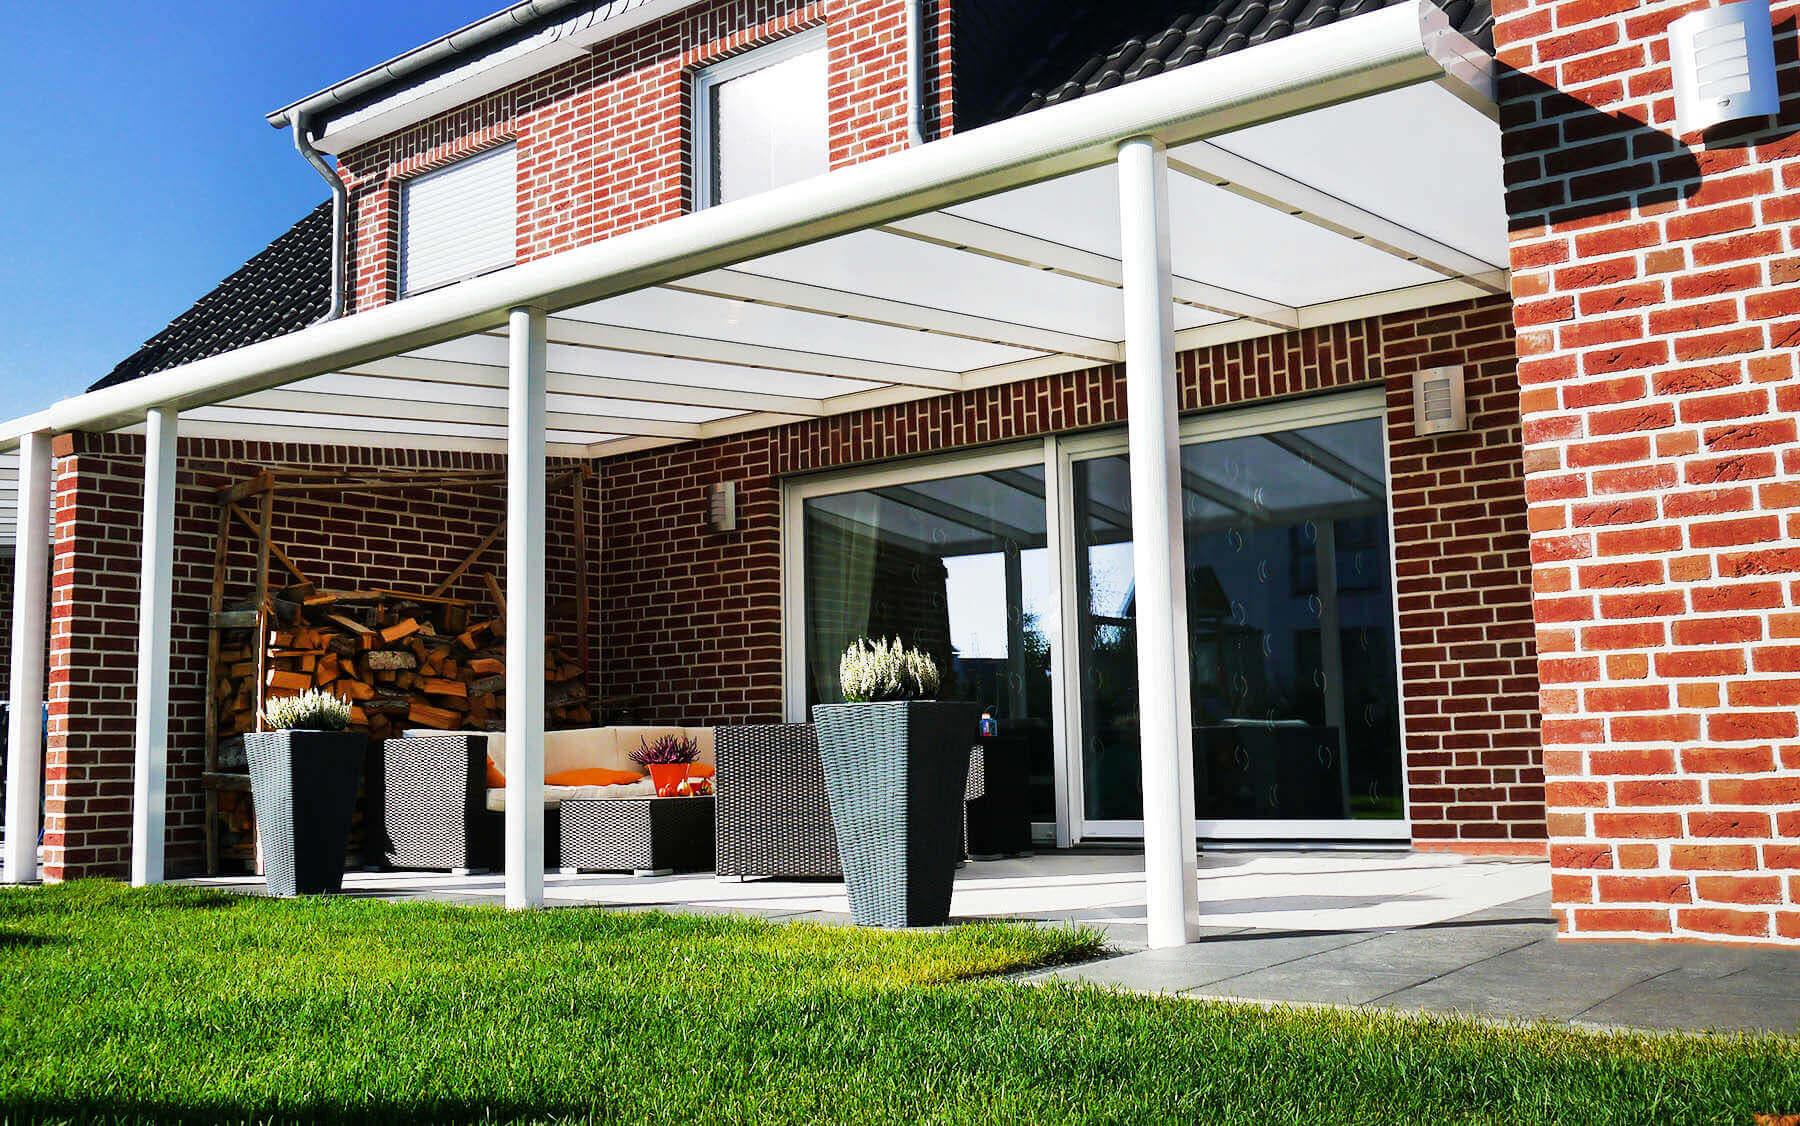 Weiße Terrassenüberdachung mit milchigem Polycarbonat-Glas an rot verklinkertem Haus